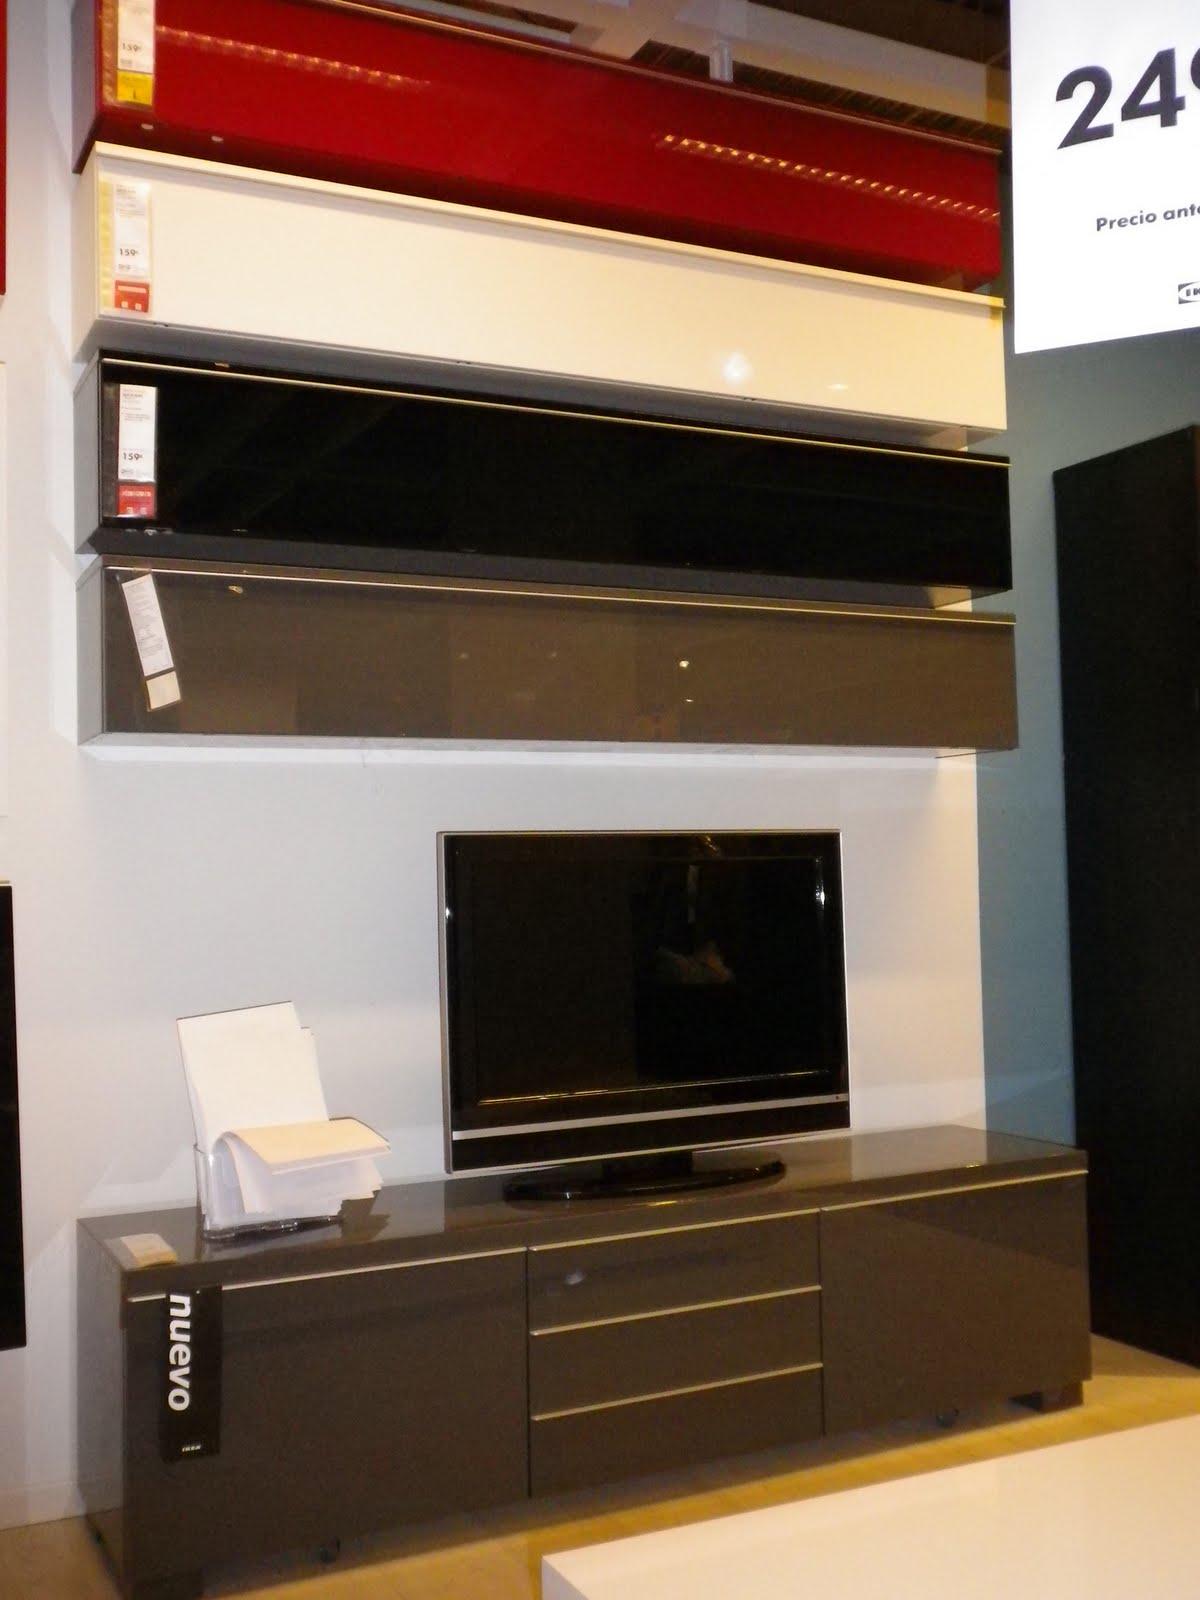 Muebles Para Comedor Ikea Schon Muebles Salon Diseno Baratos  # Muebles Tipo Ikea